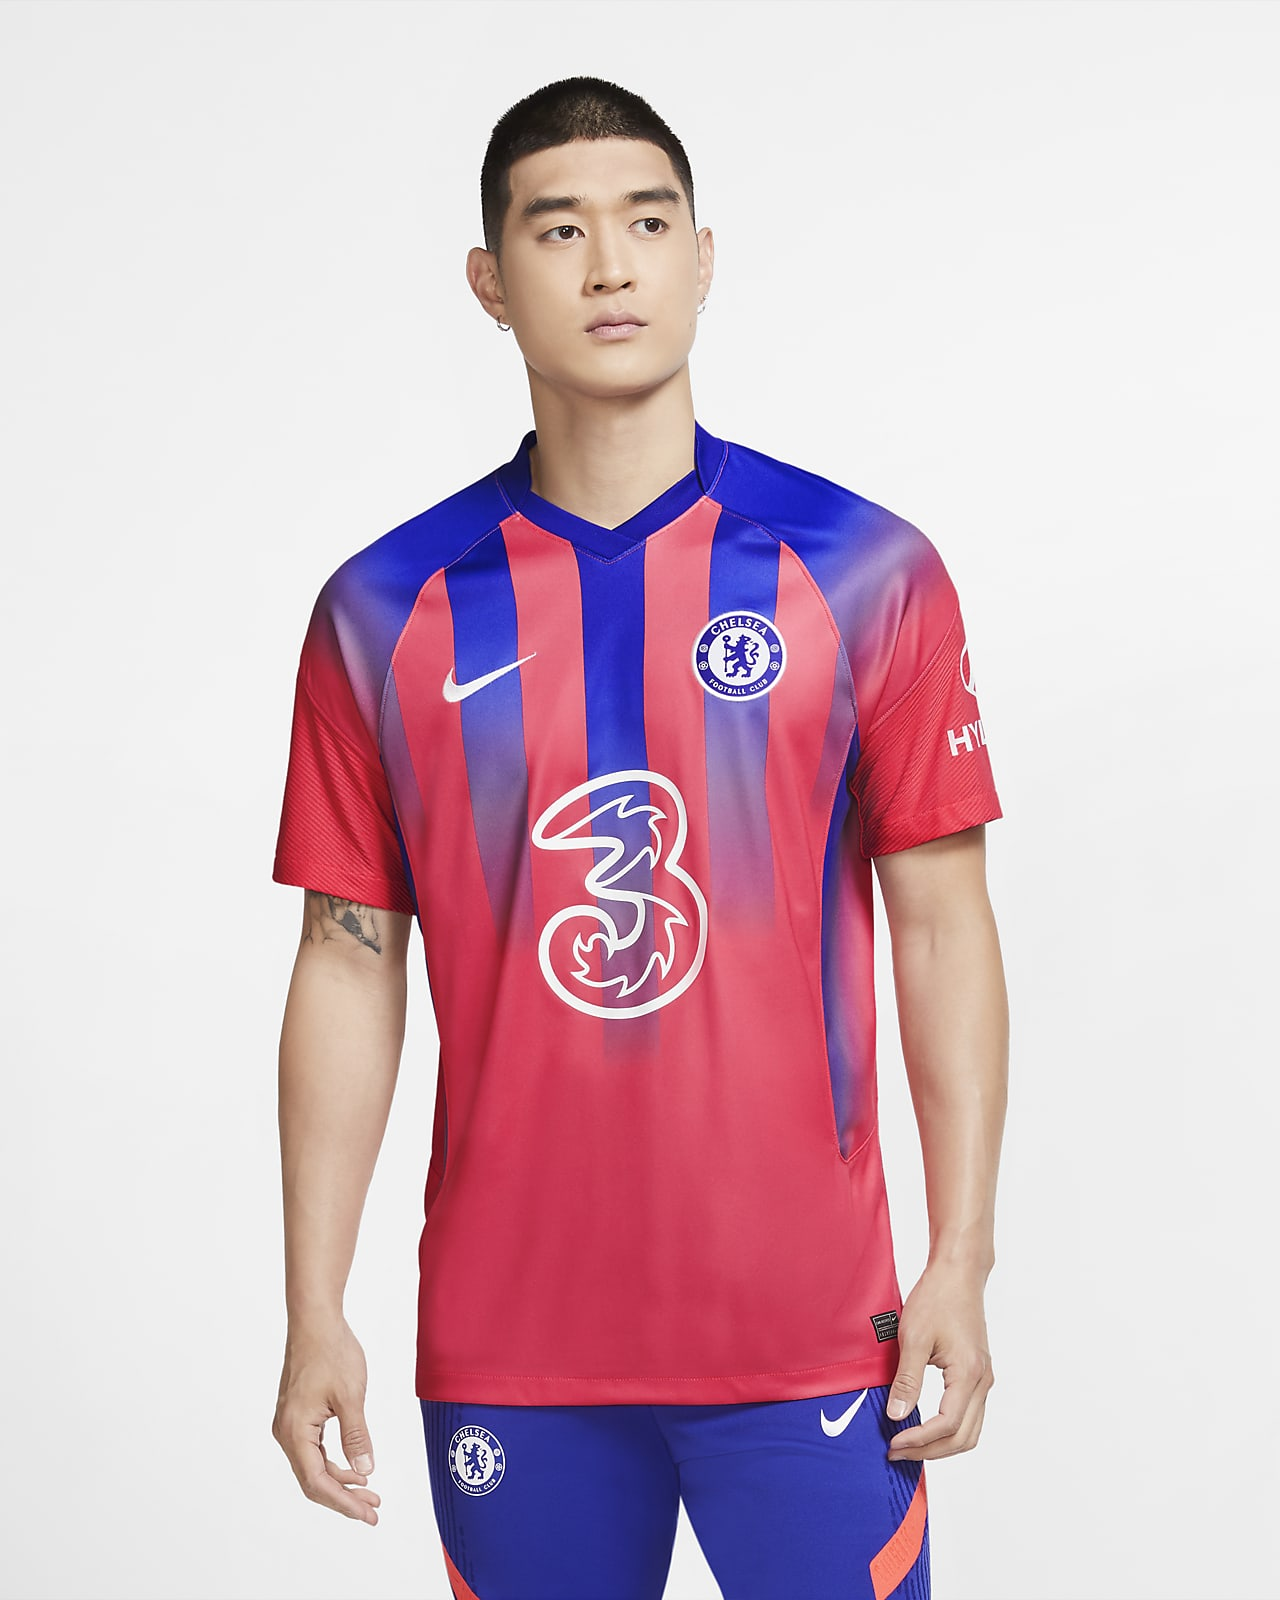 Camiseta de fútbol alternativa para hombre Stadium del Chelsea FC 2020/21